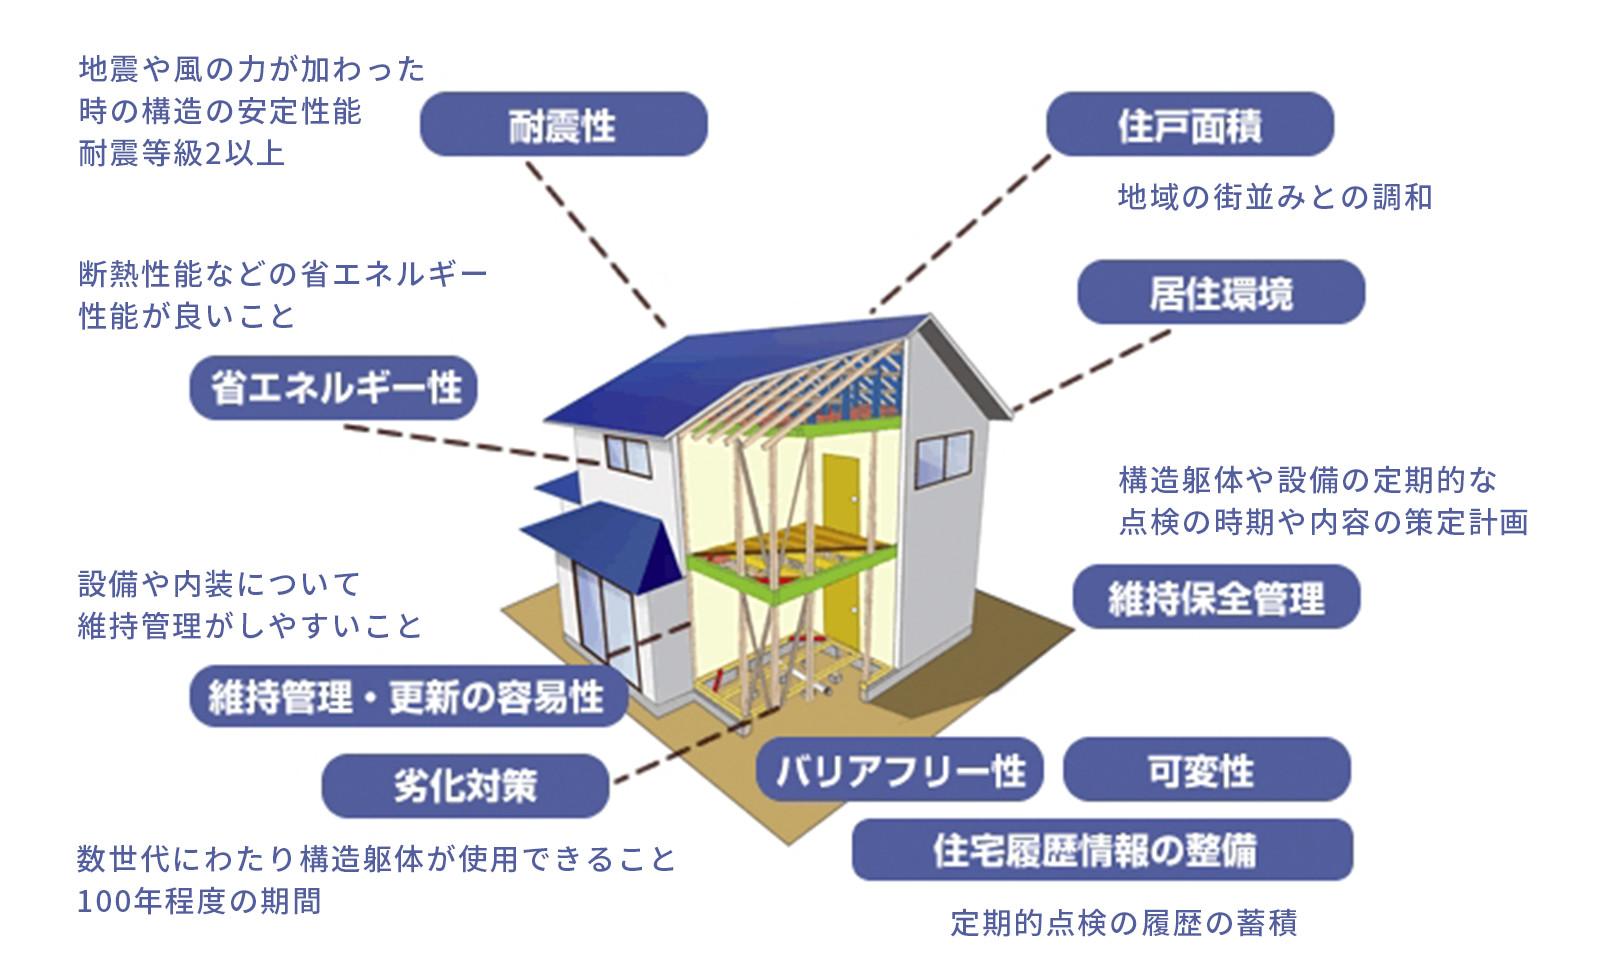 長期優良住宅認定基準